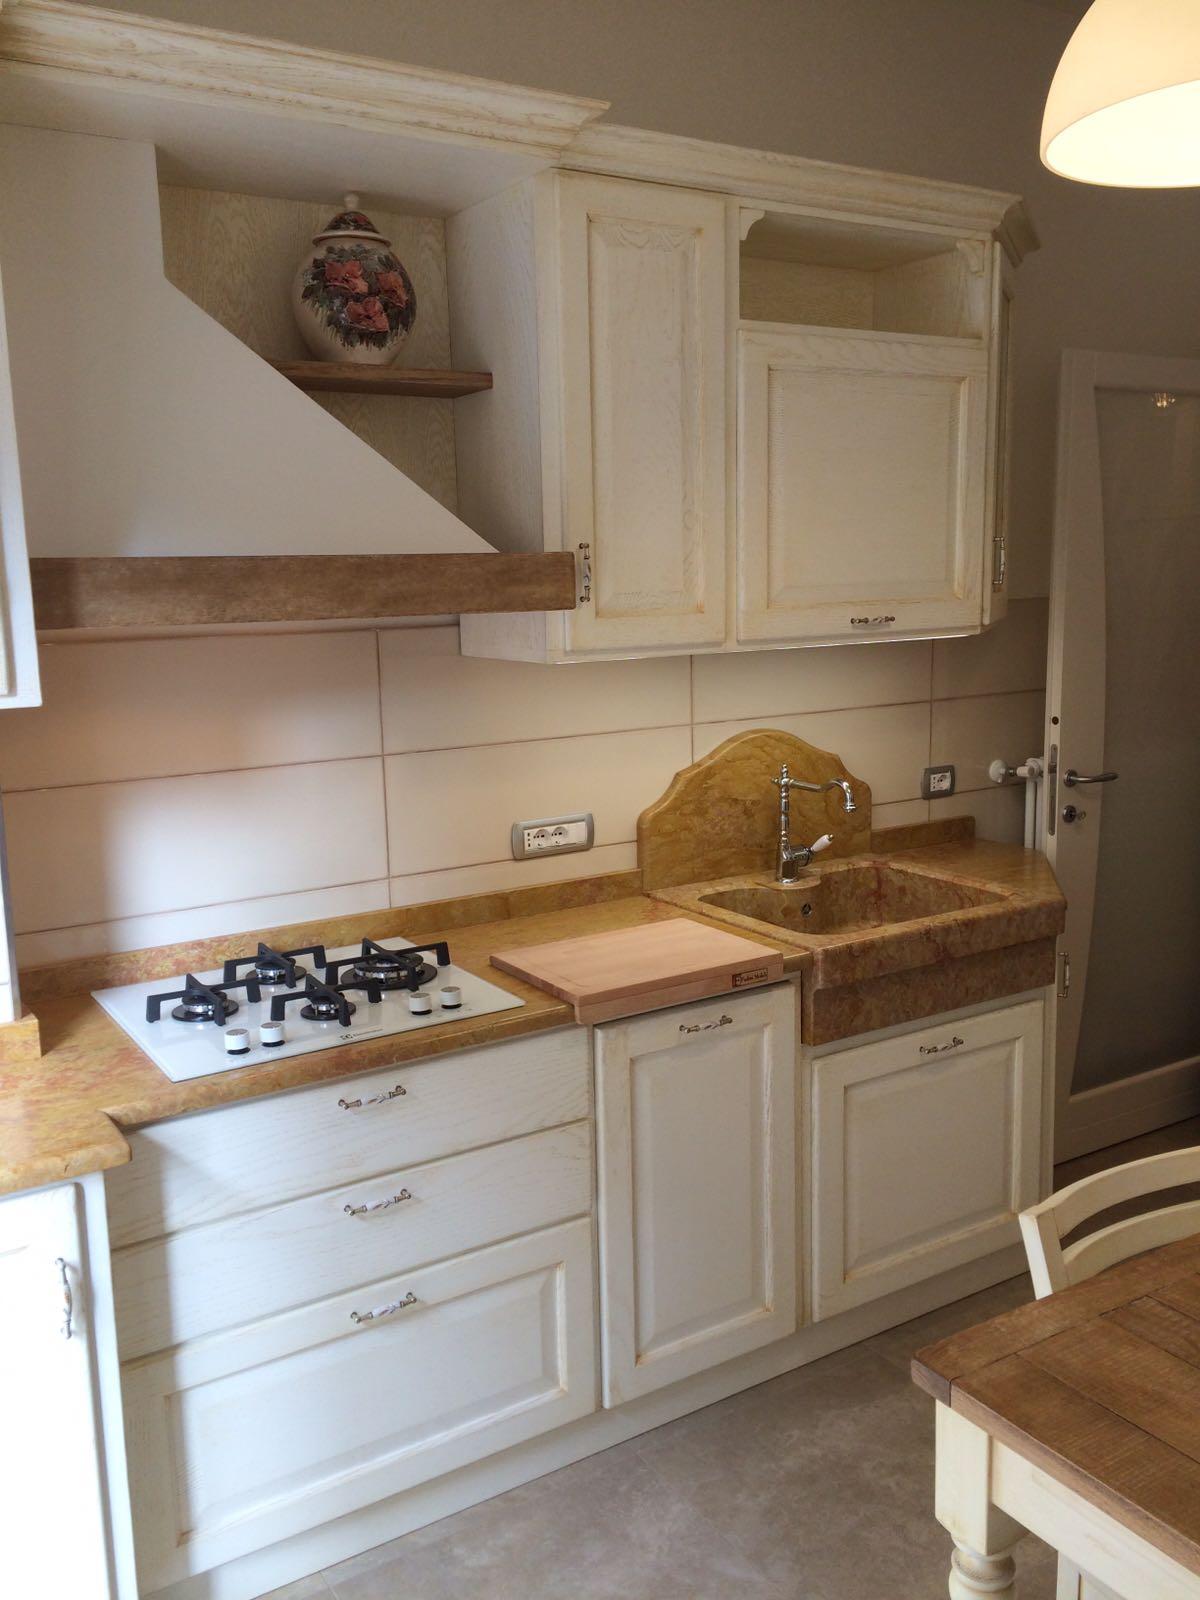 Cucina con lavello in marmo art. 114 | Fadini Mobili Cerea ...